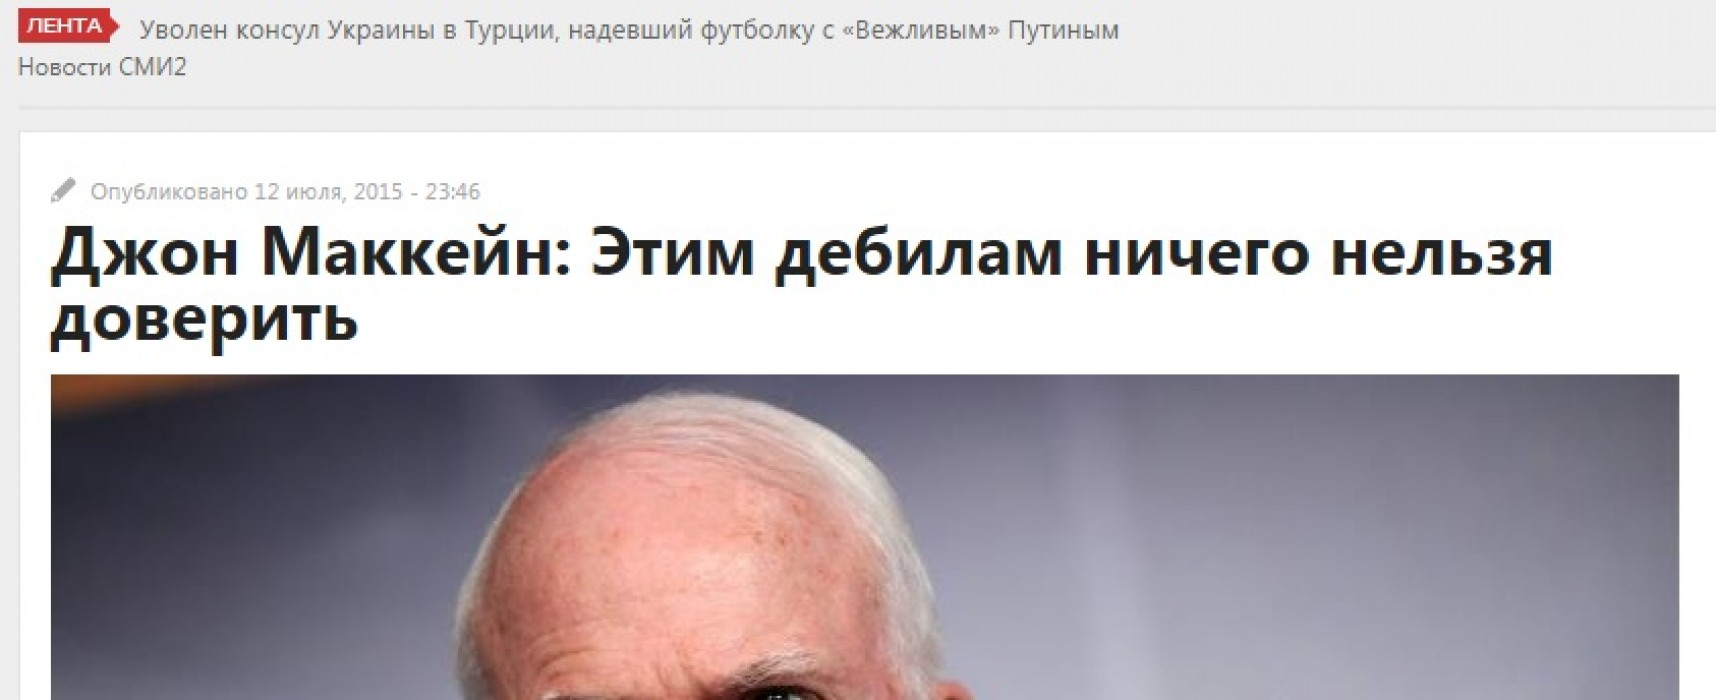 Falso: El senador John McCain insultó a las autoridades ucranianas en su entrevista para RBC